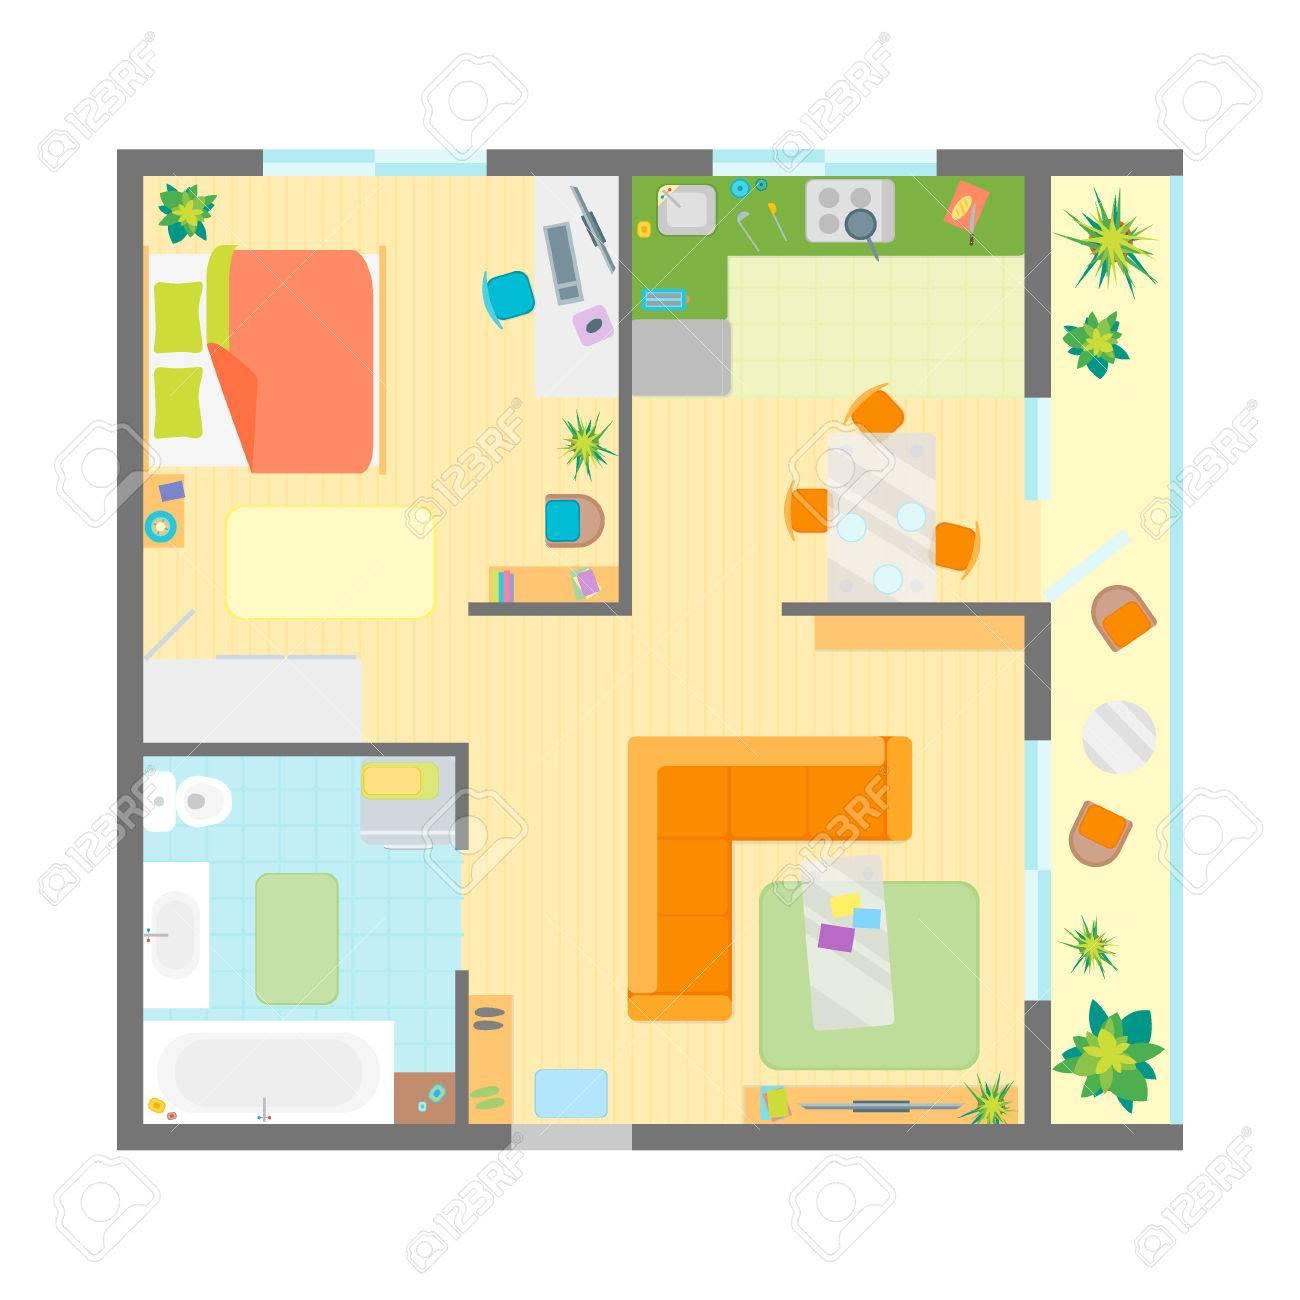 Apartment Grundriss Mit Möbel Top View Familie Wohnen Wohnung